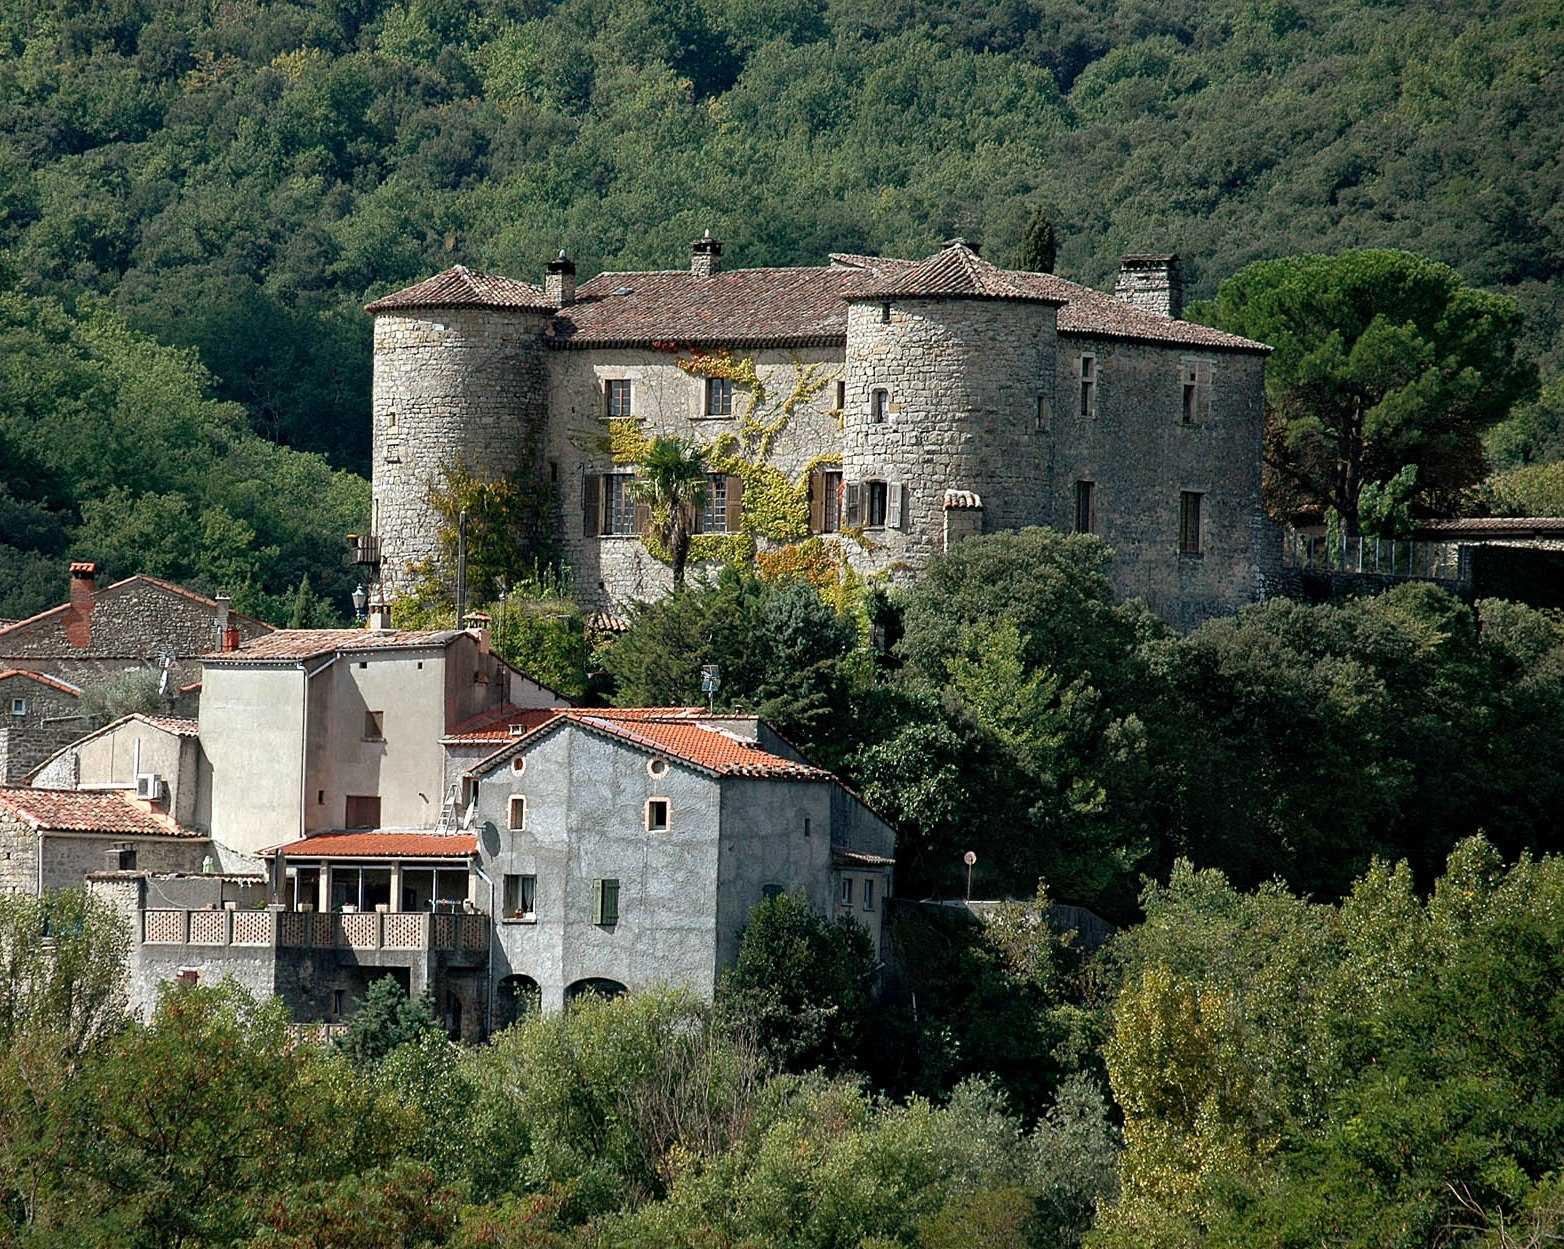 Das 'Château de La Tour' bei Alès (Gard)